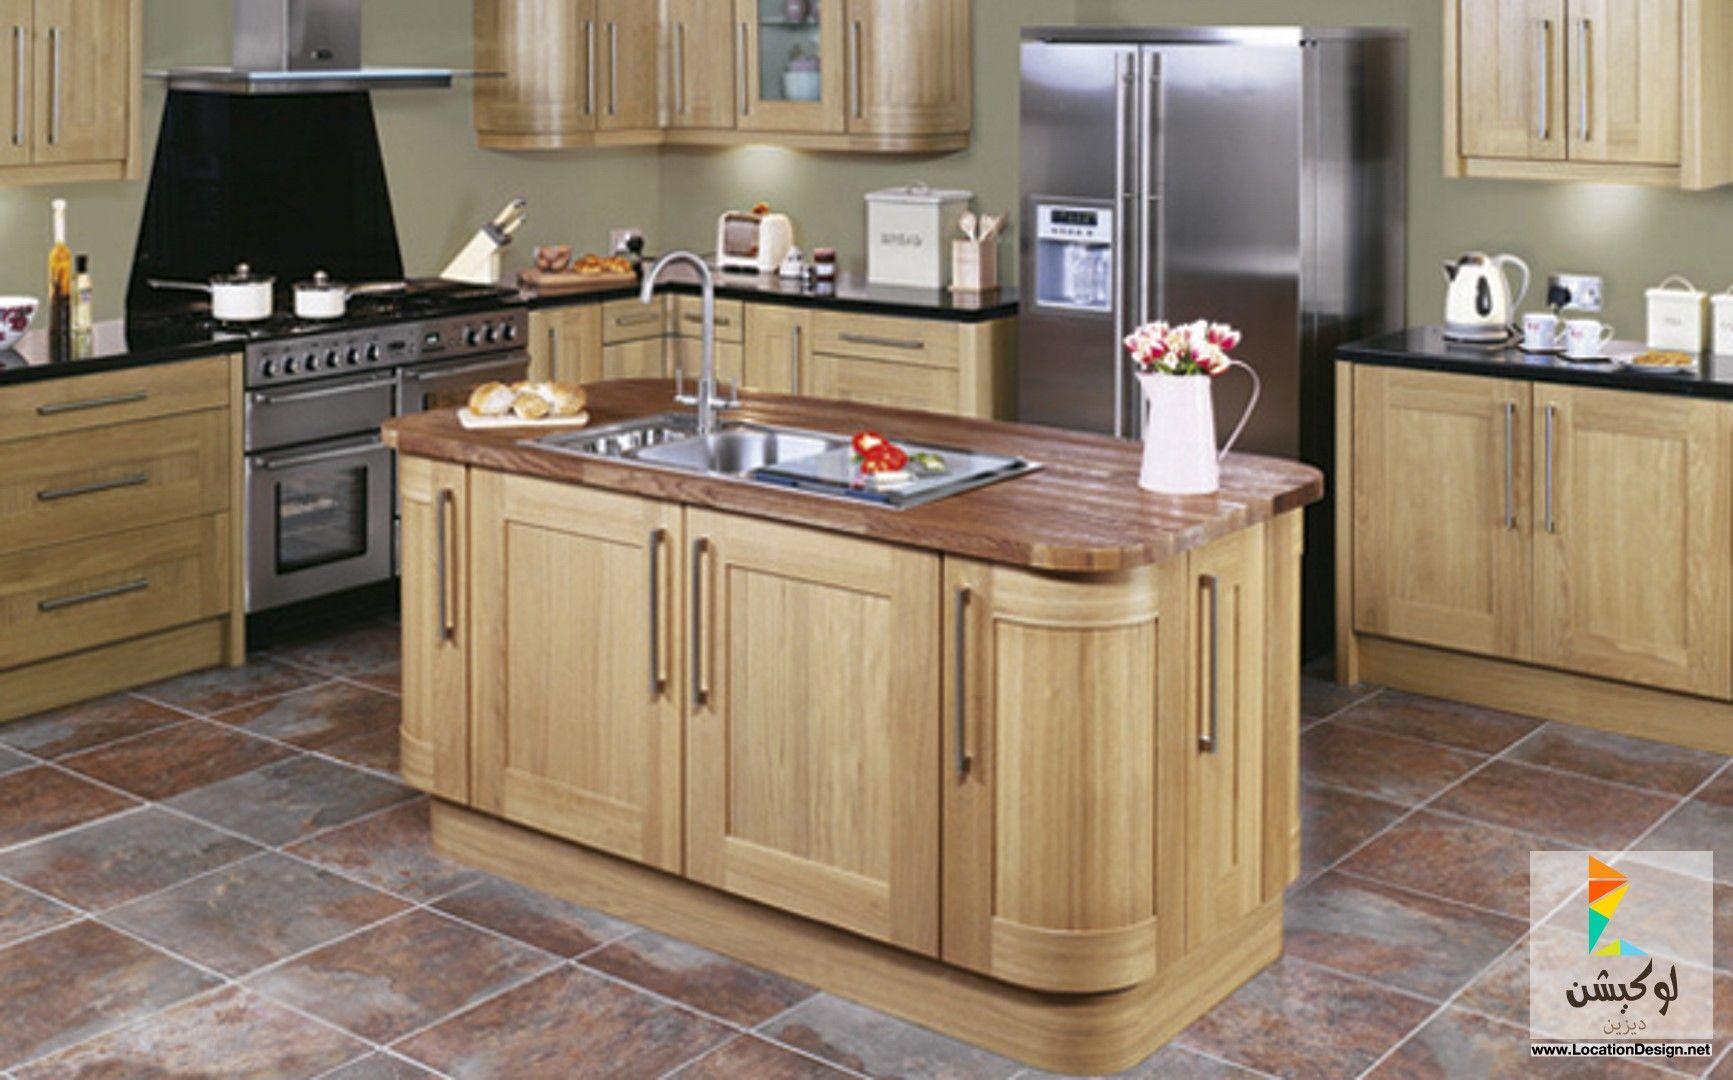 مطابخ خشب بتصاميم مودرن لوكيشن ديزاين تصميمات ديكورات أفكار جديدة مصر Country Kitchen Diy Kitchen Order Kitchen Cabinets